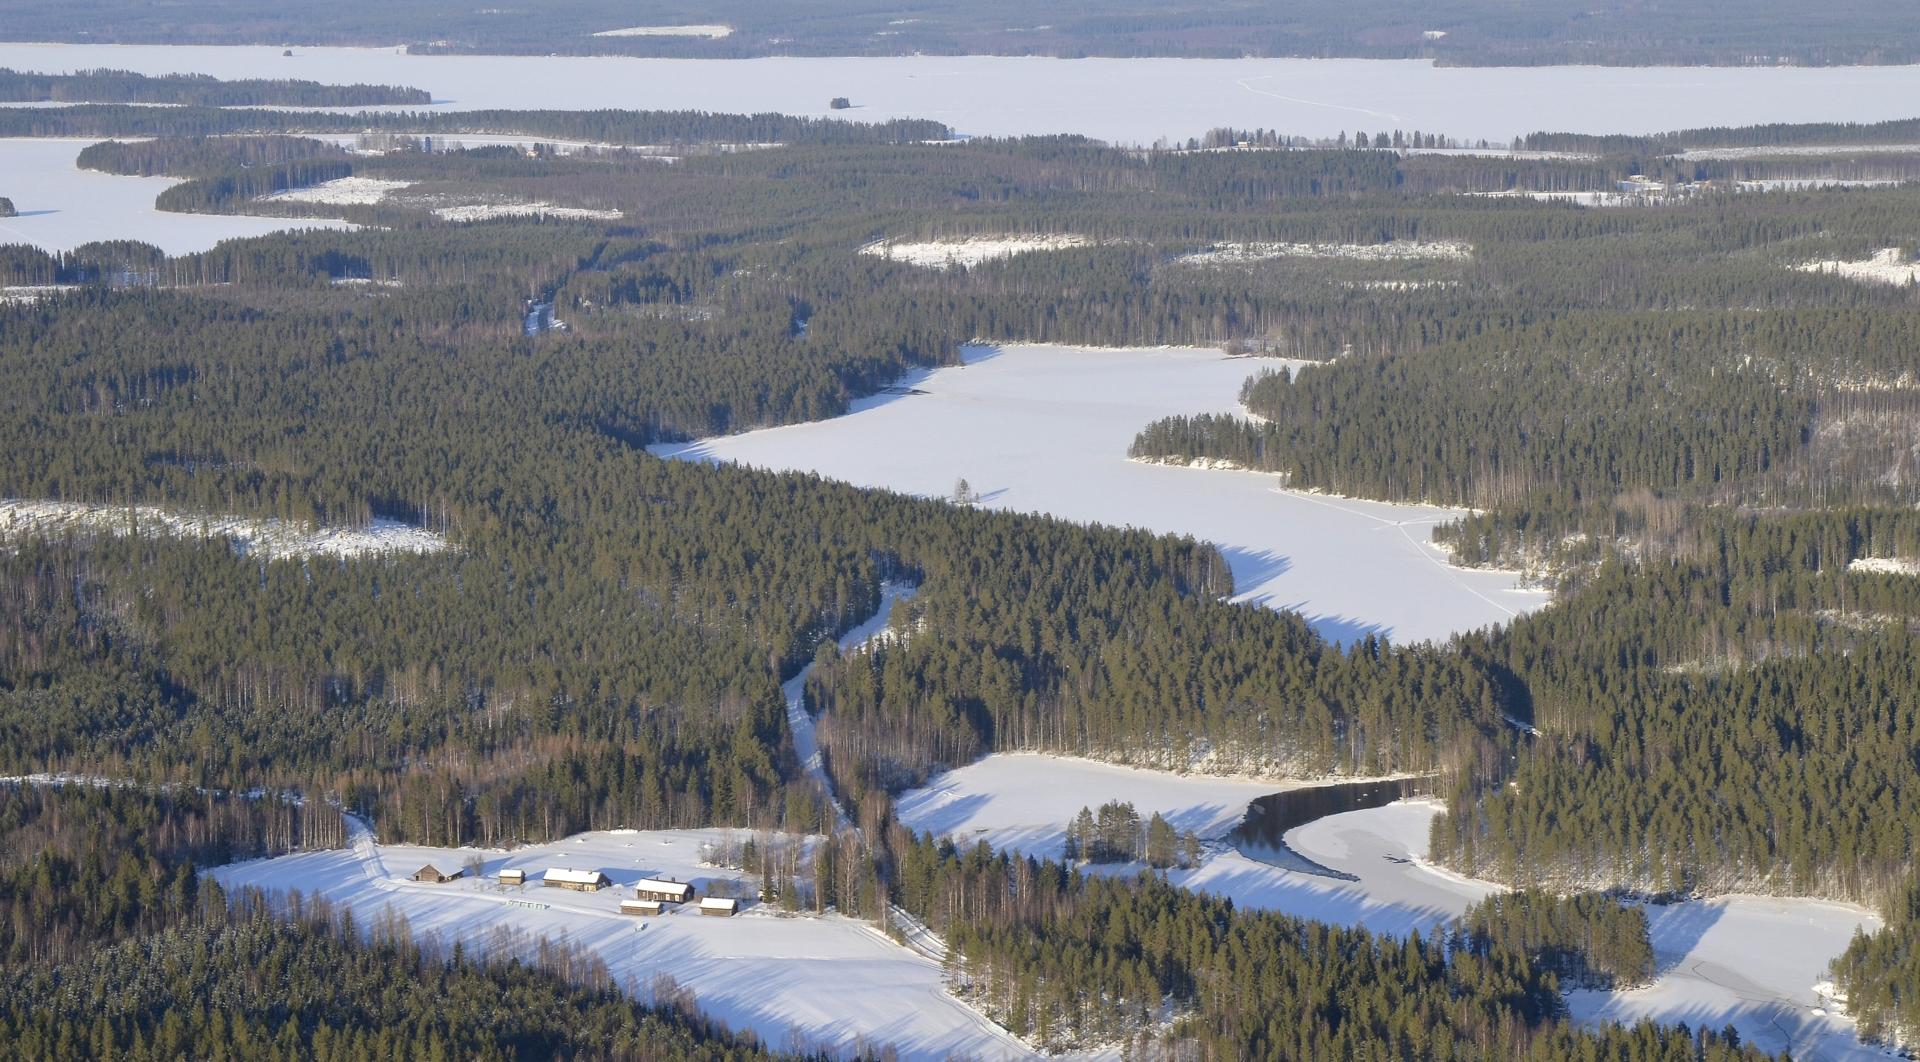 Kella Kellajärven rannalla, Kärnän kupeella. Jäätyneet sormet hoputtaa lentämään kotipesään ja sen teenkin.